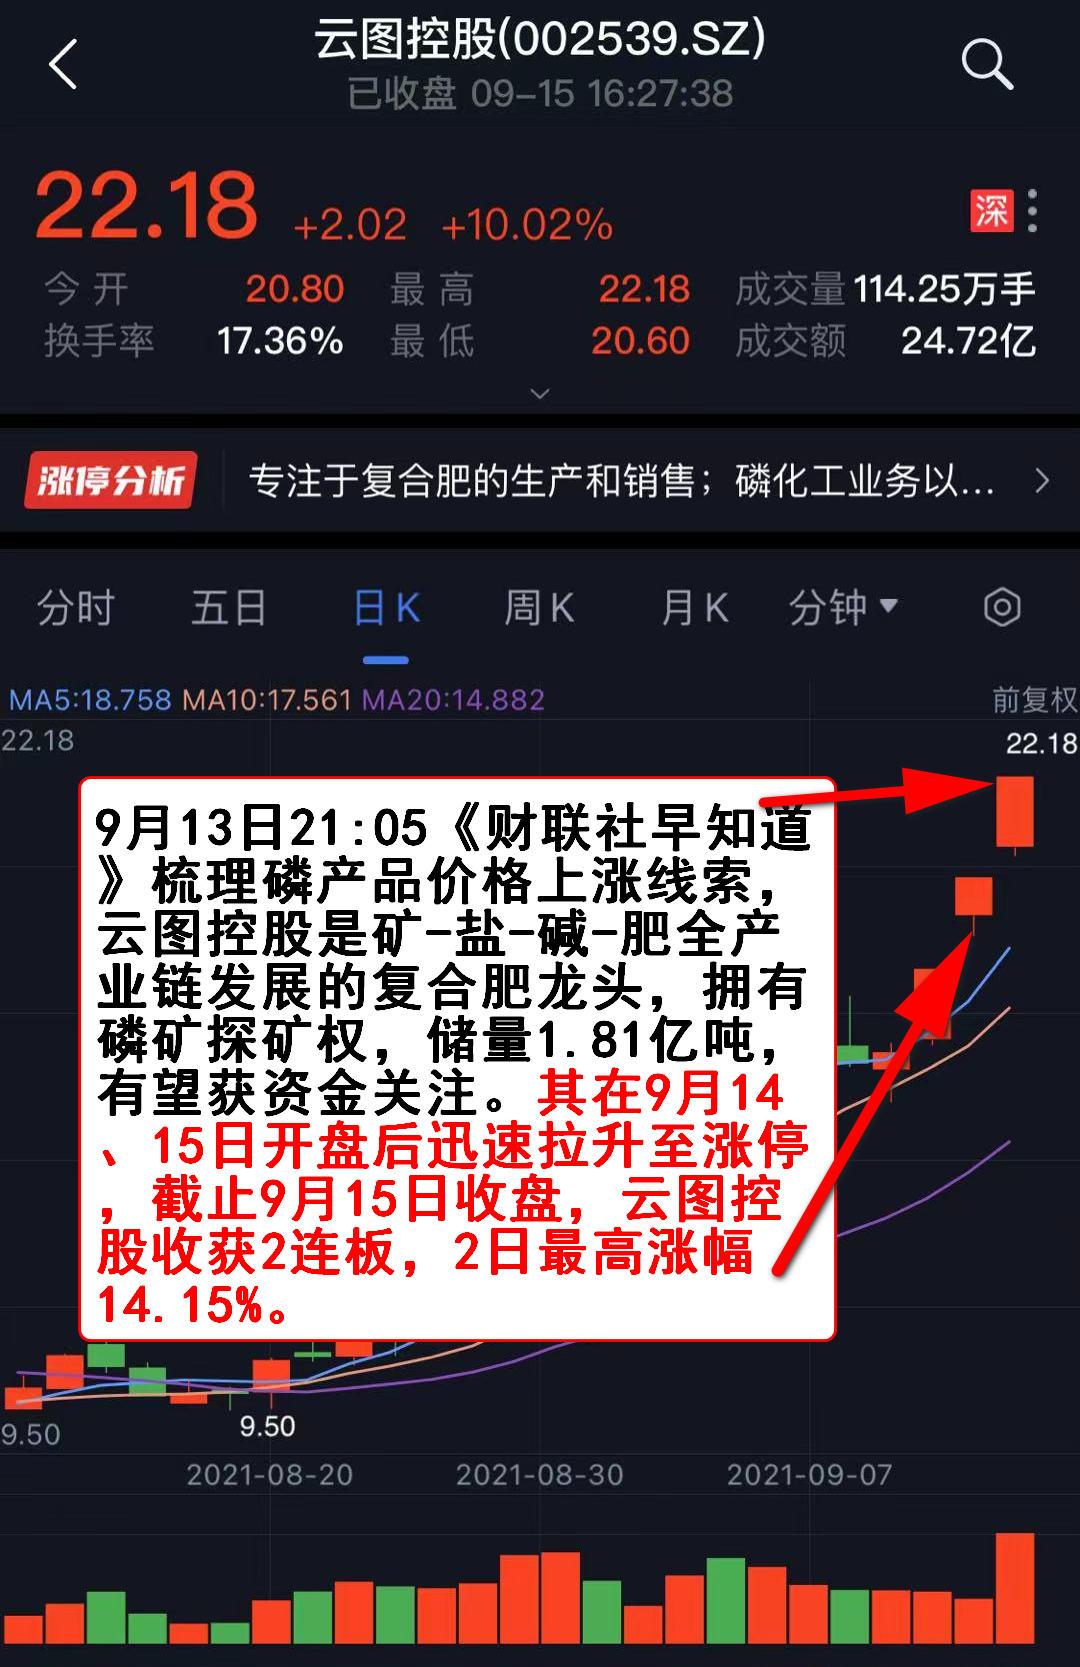 【VIP机会日报】中石油铁树开花+光伏、风电涨停